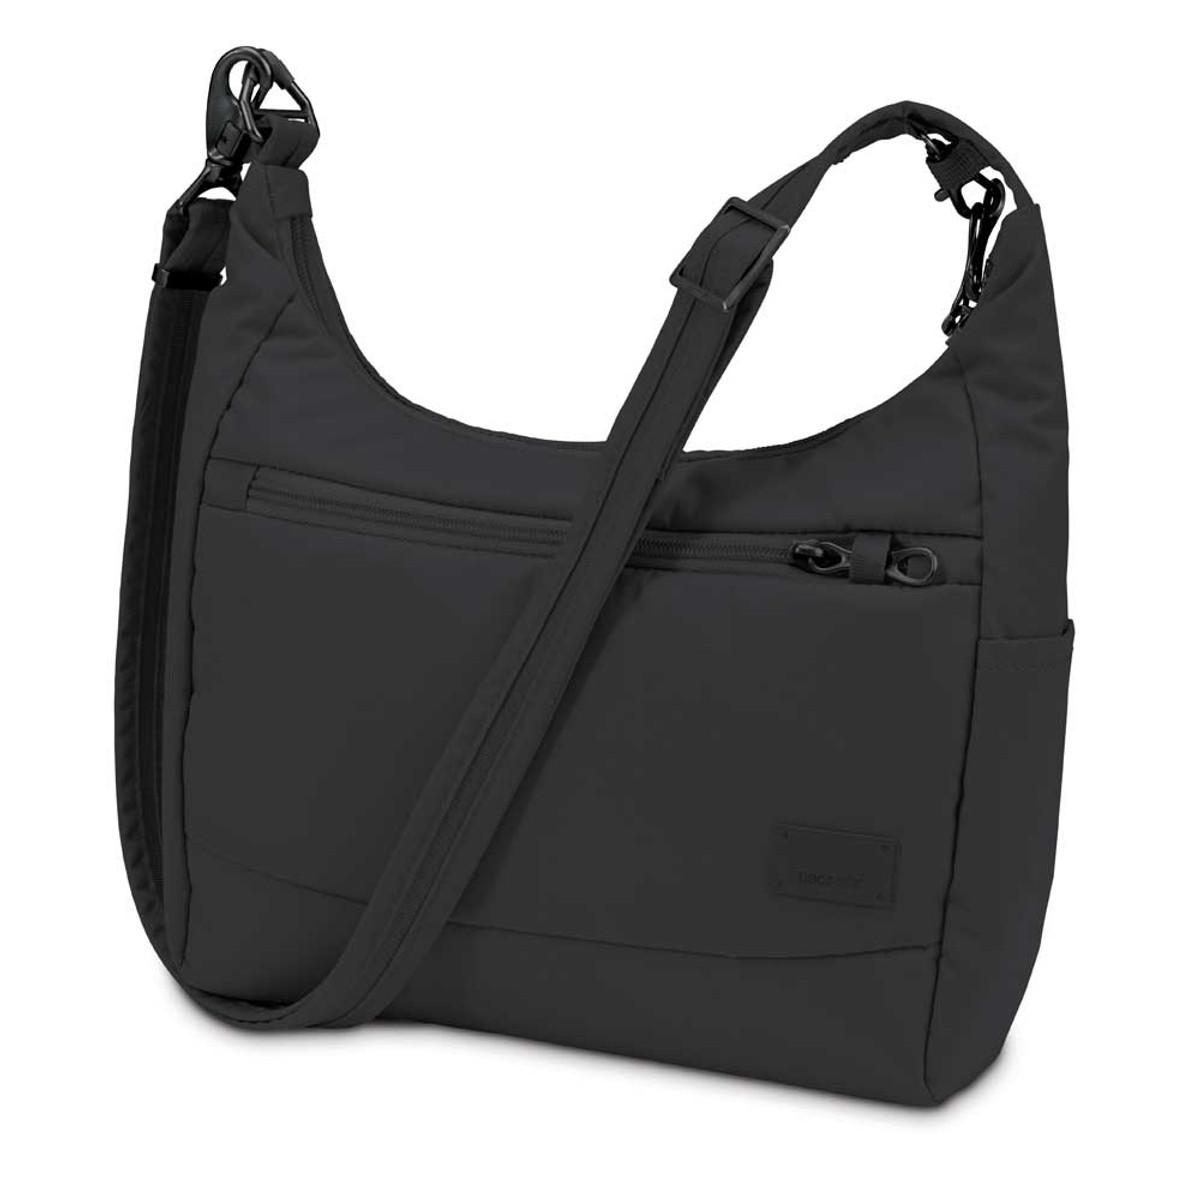 Pacsafe Citysafe CS100 anti-theft handbag